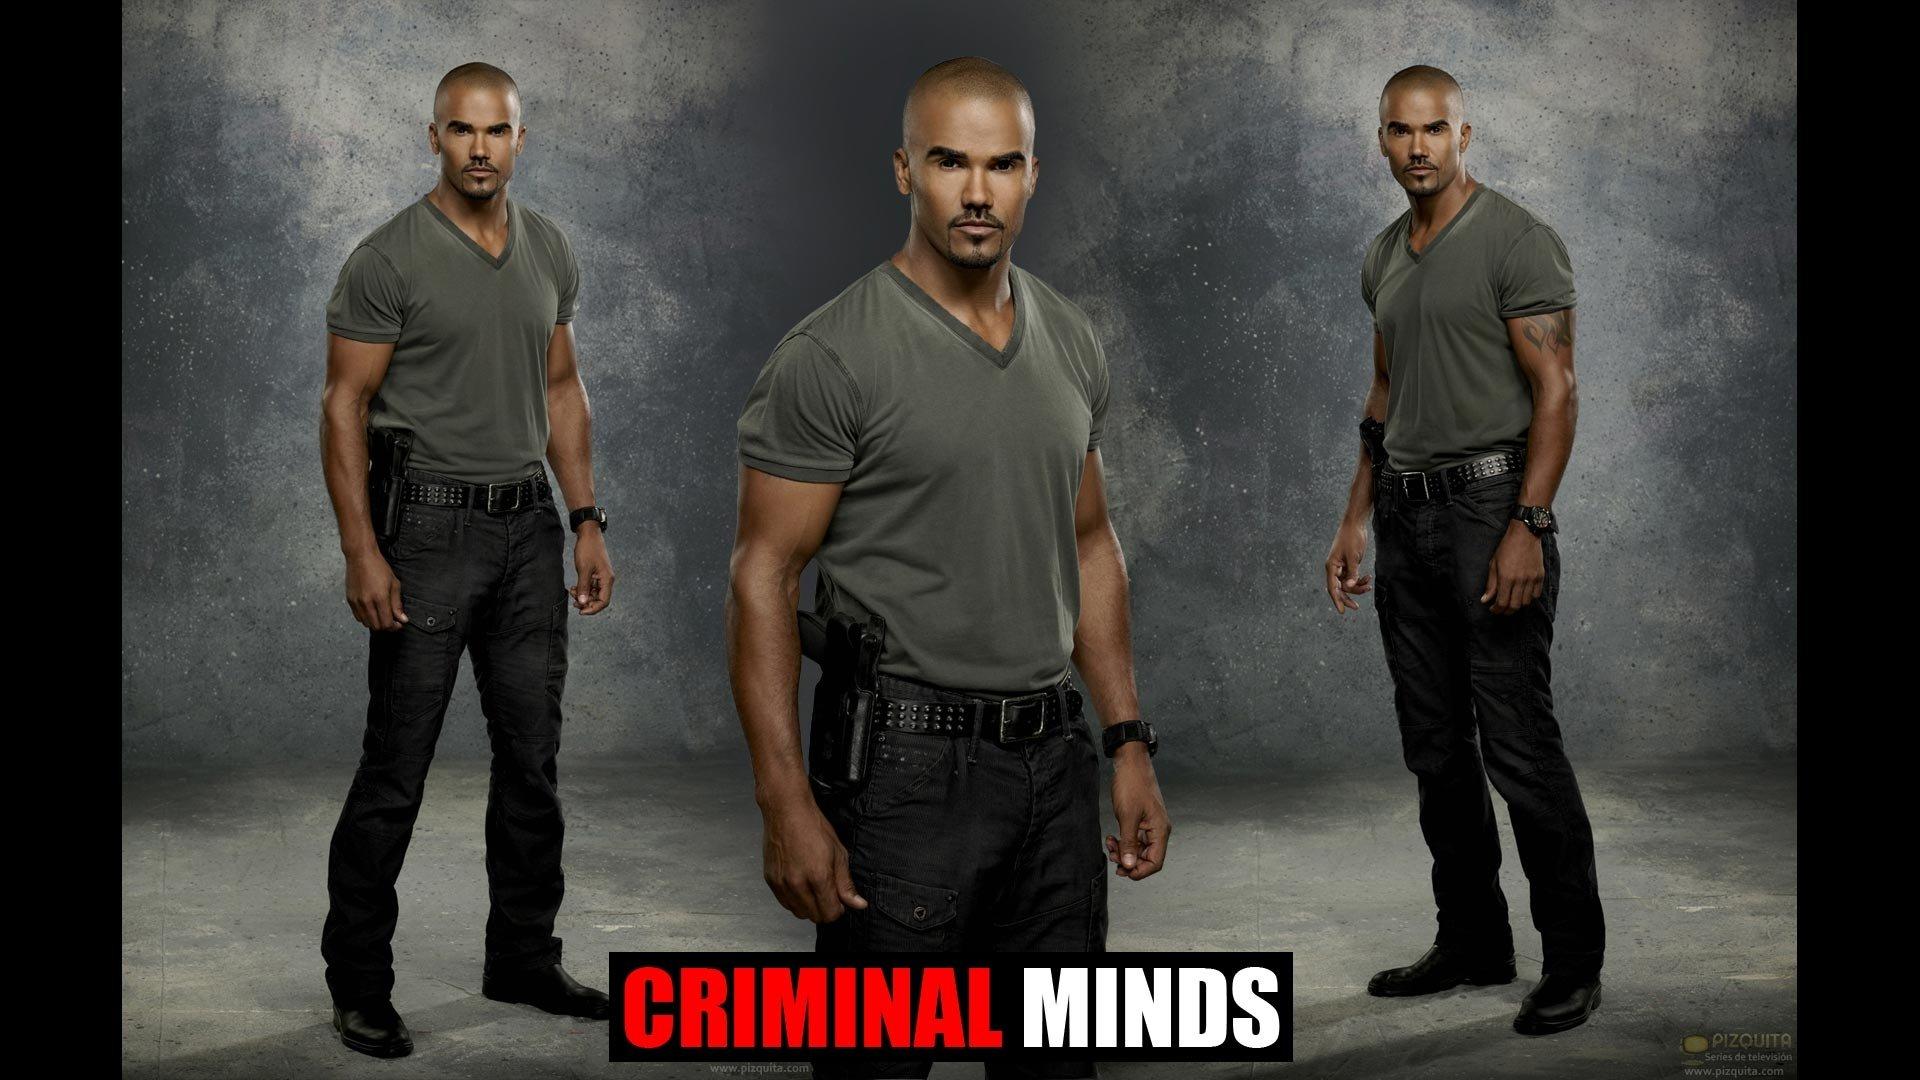 Criminal Minds HD Wallpaper | Background Image | 1920x1080 ...